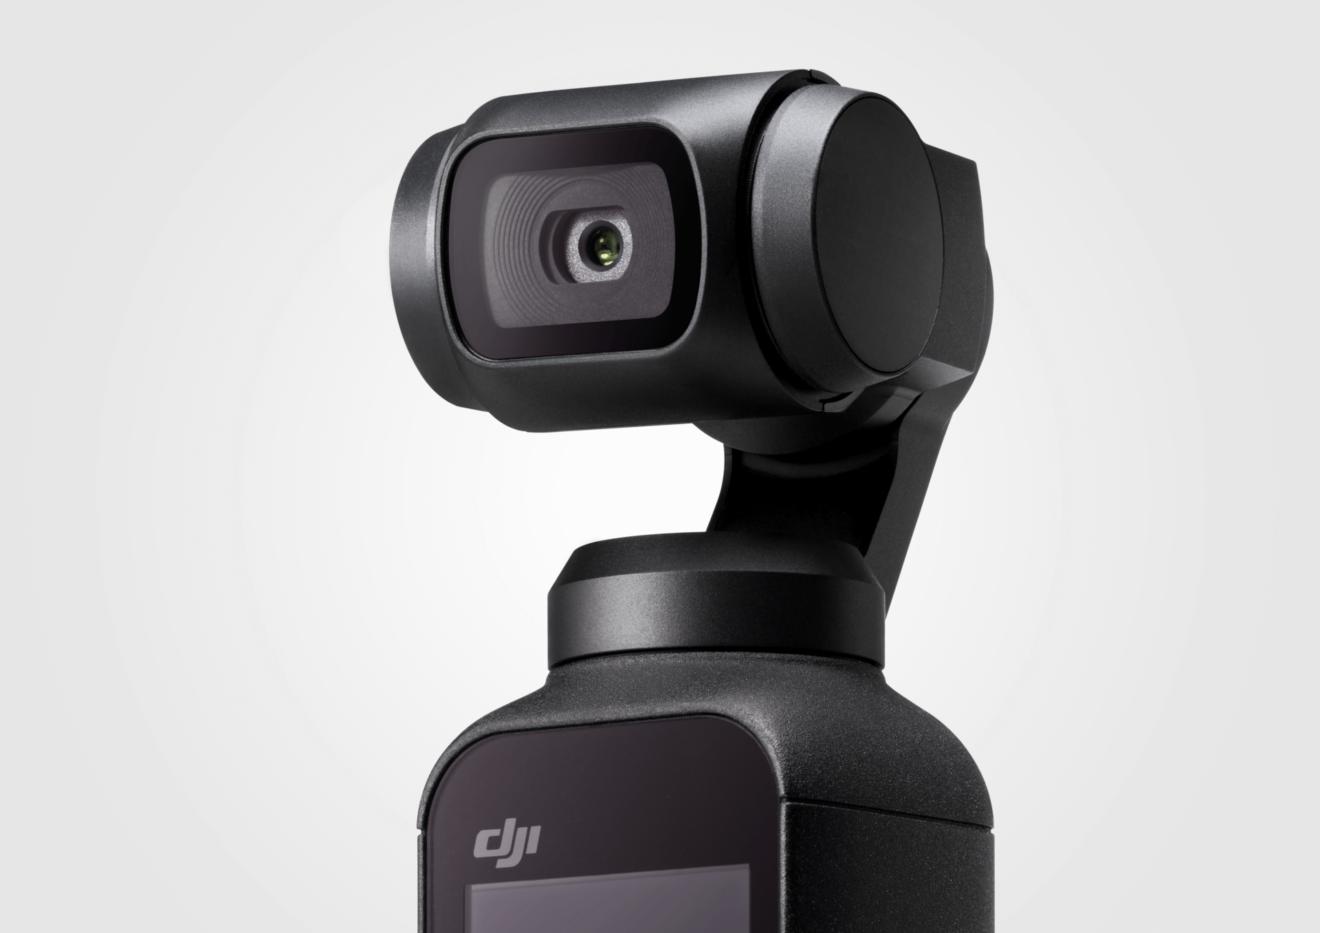 Dji surpreende com osmo pocket, uma câmera de bolso. A dji lança a menor câmera com estabilizador de três eixos no mundo criada para documentar suas viagens, eventos familiares e aventuras